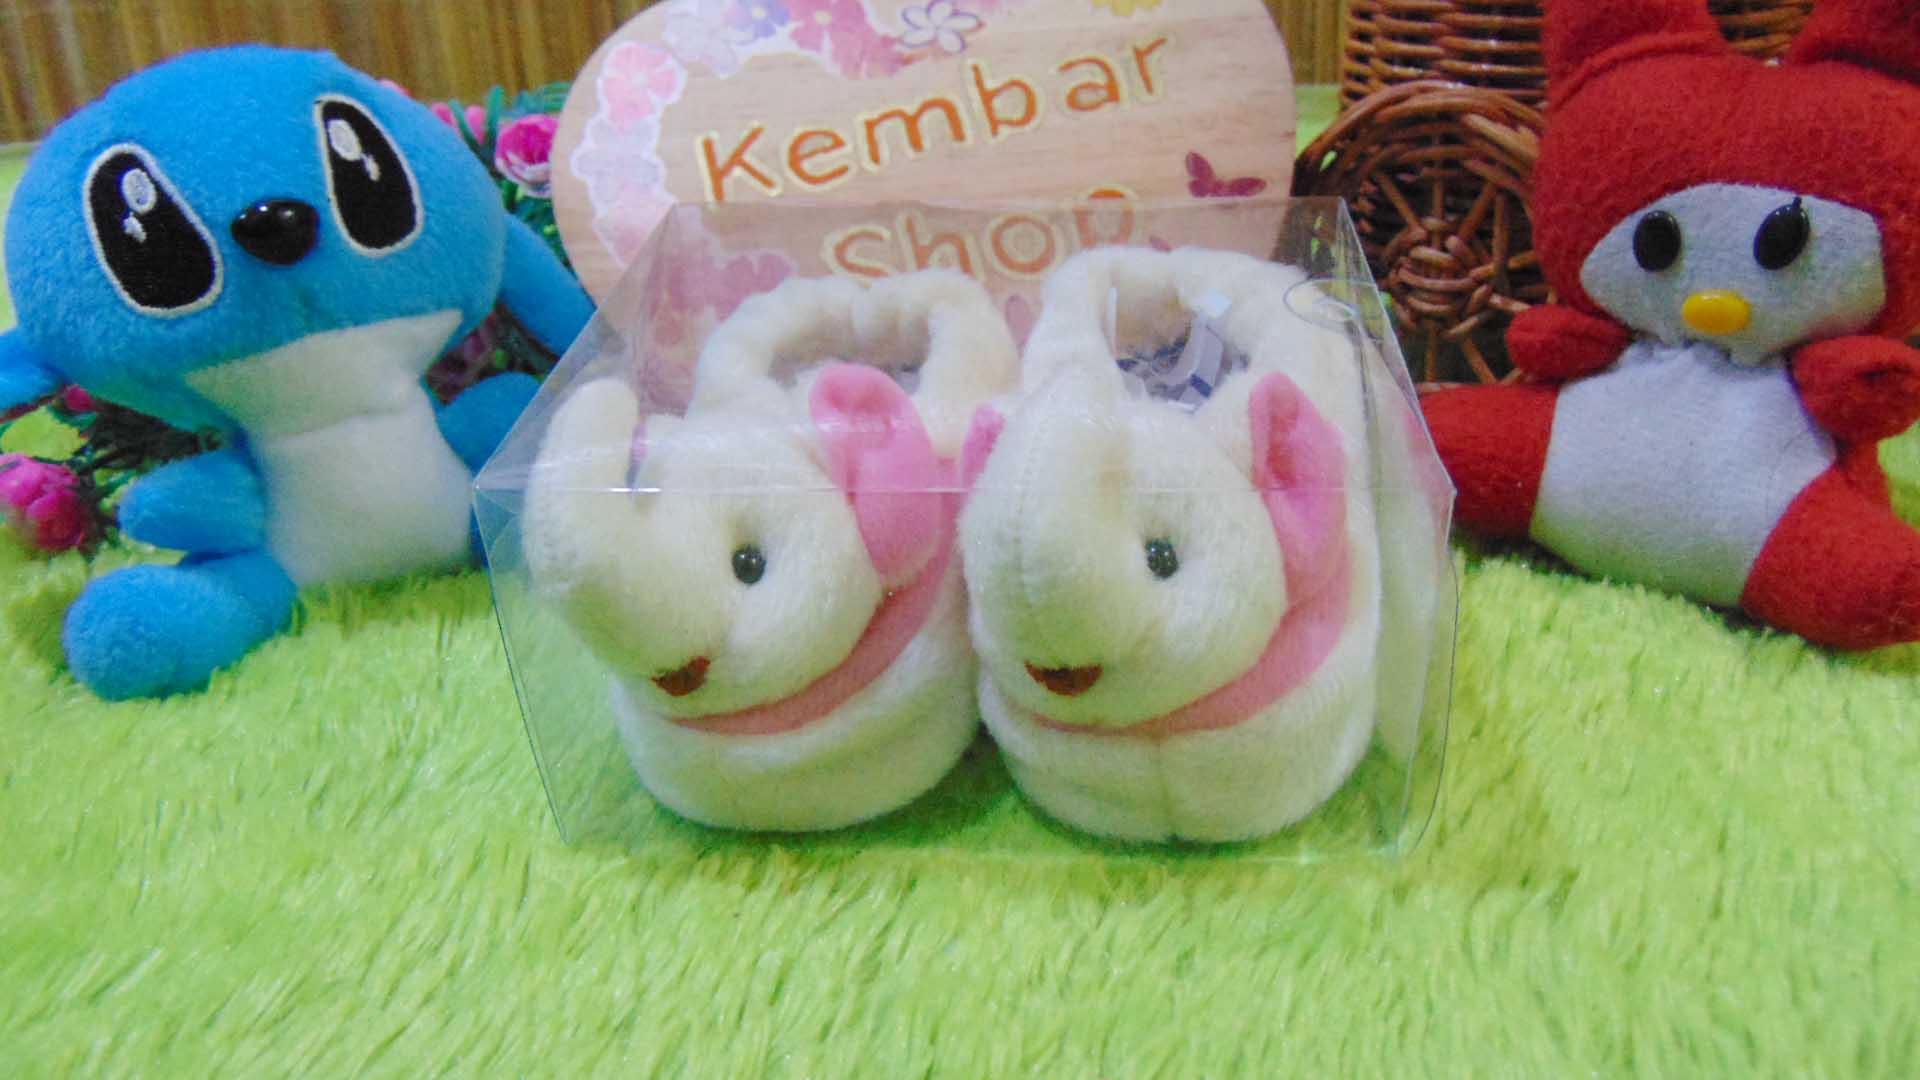 kado bayi baby gift set sepatu prewalker alas kaki newborn 0-6bulan lembut motif gajah cantik